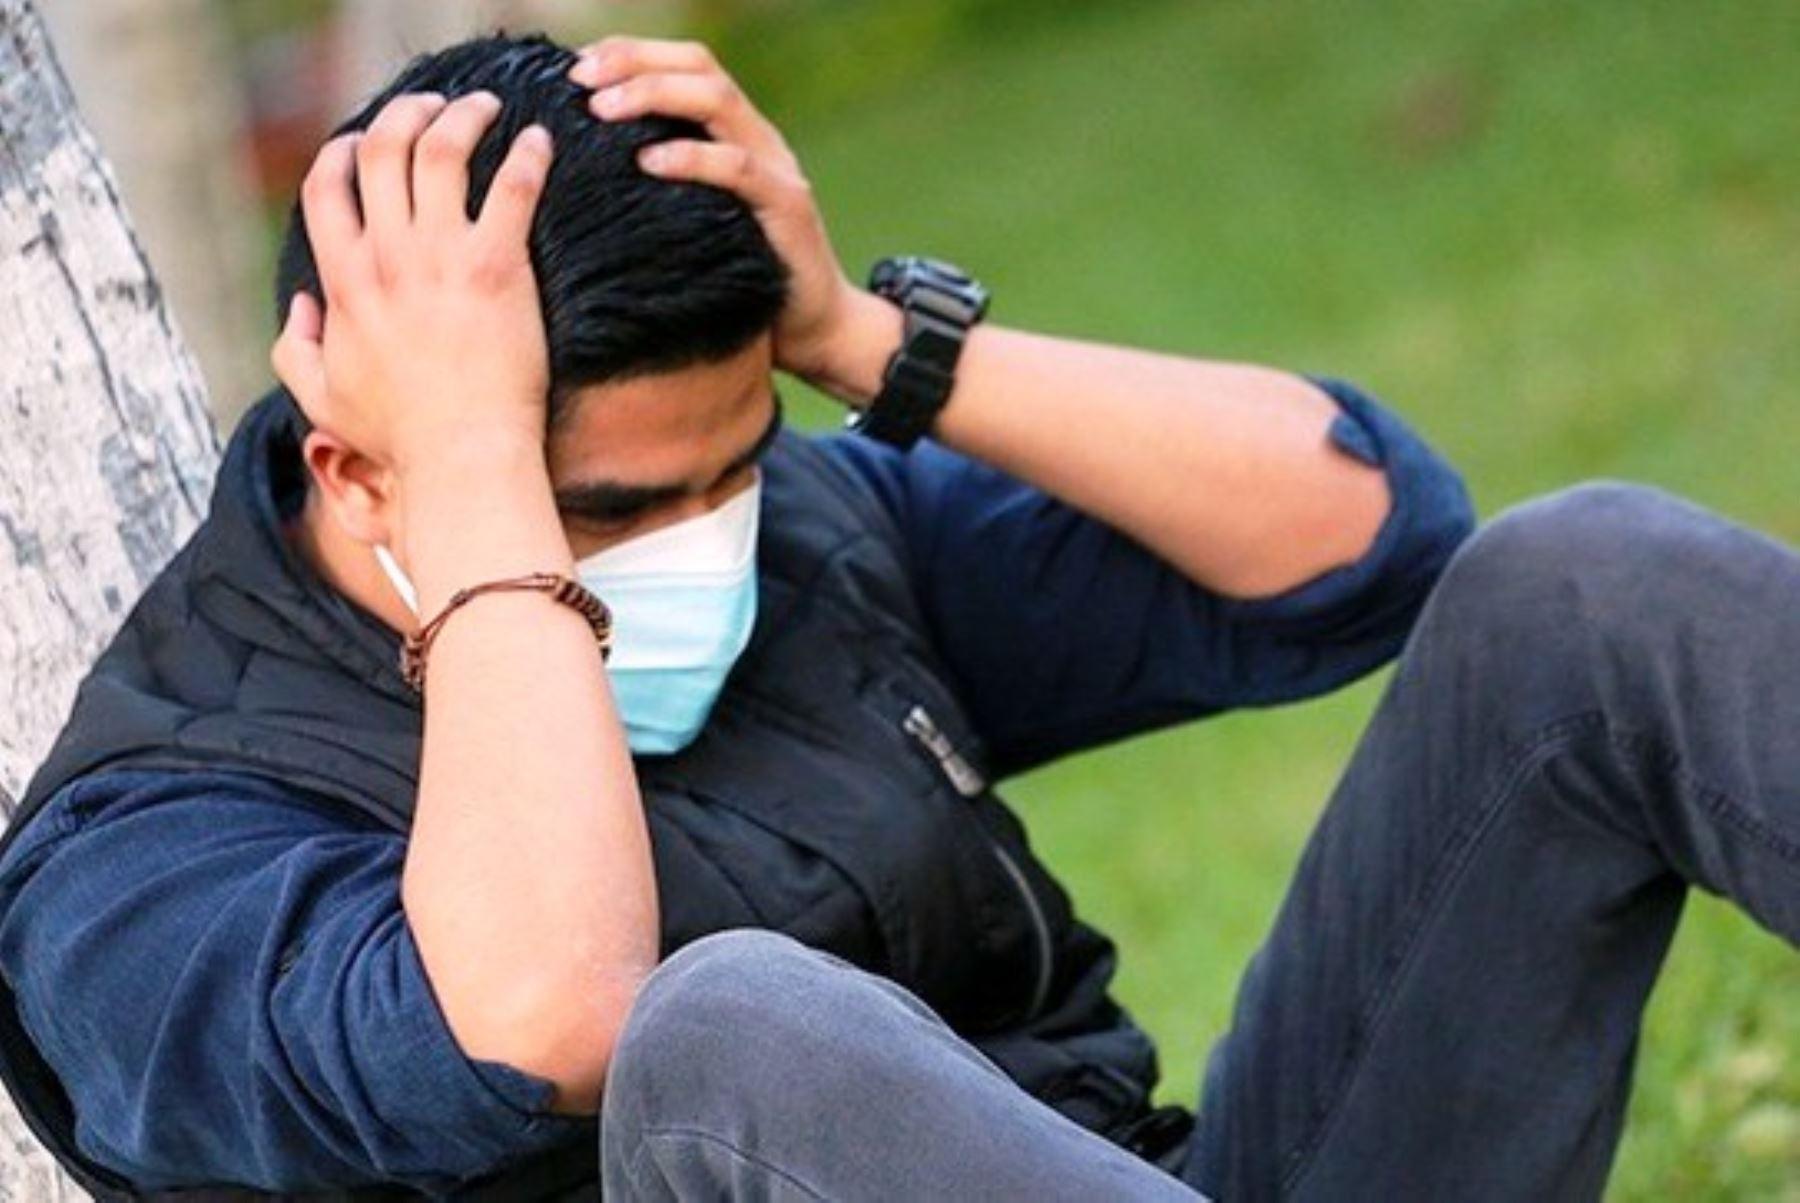 Saludable Mente: ¿cómo saber si tengo un trastorno de salud mental?